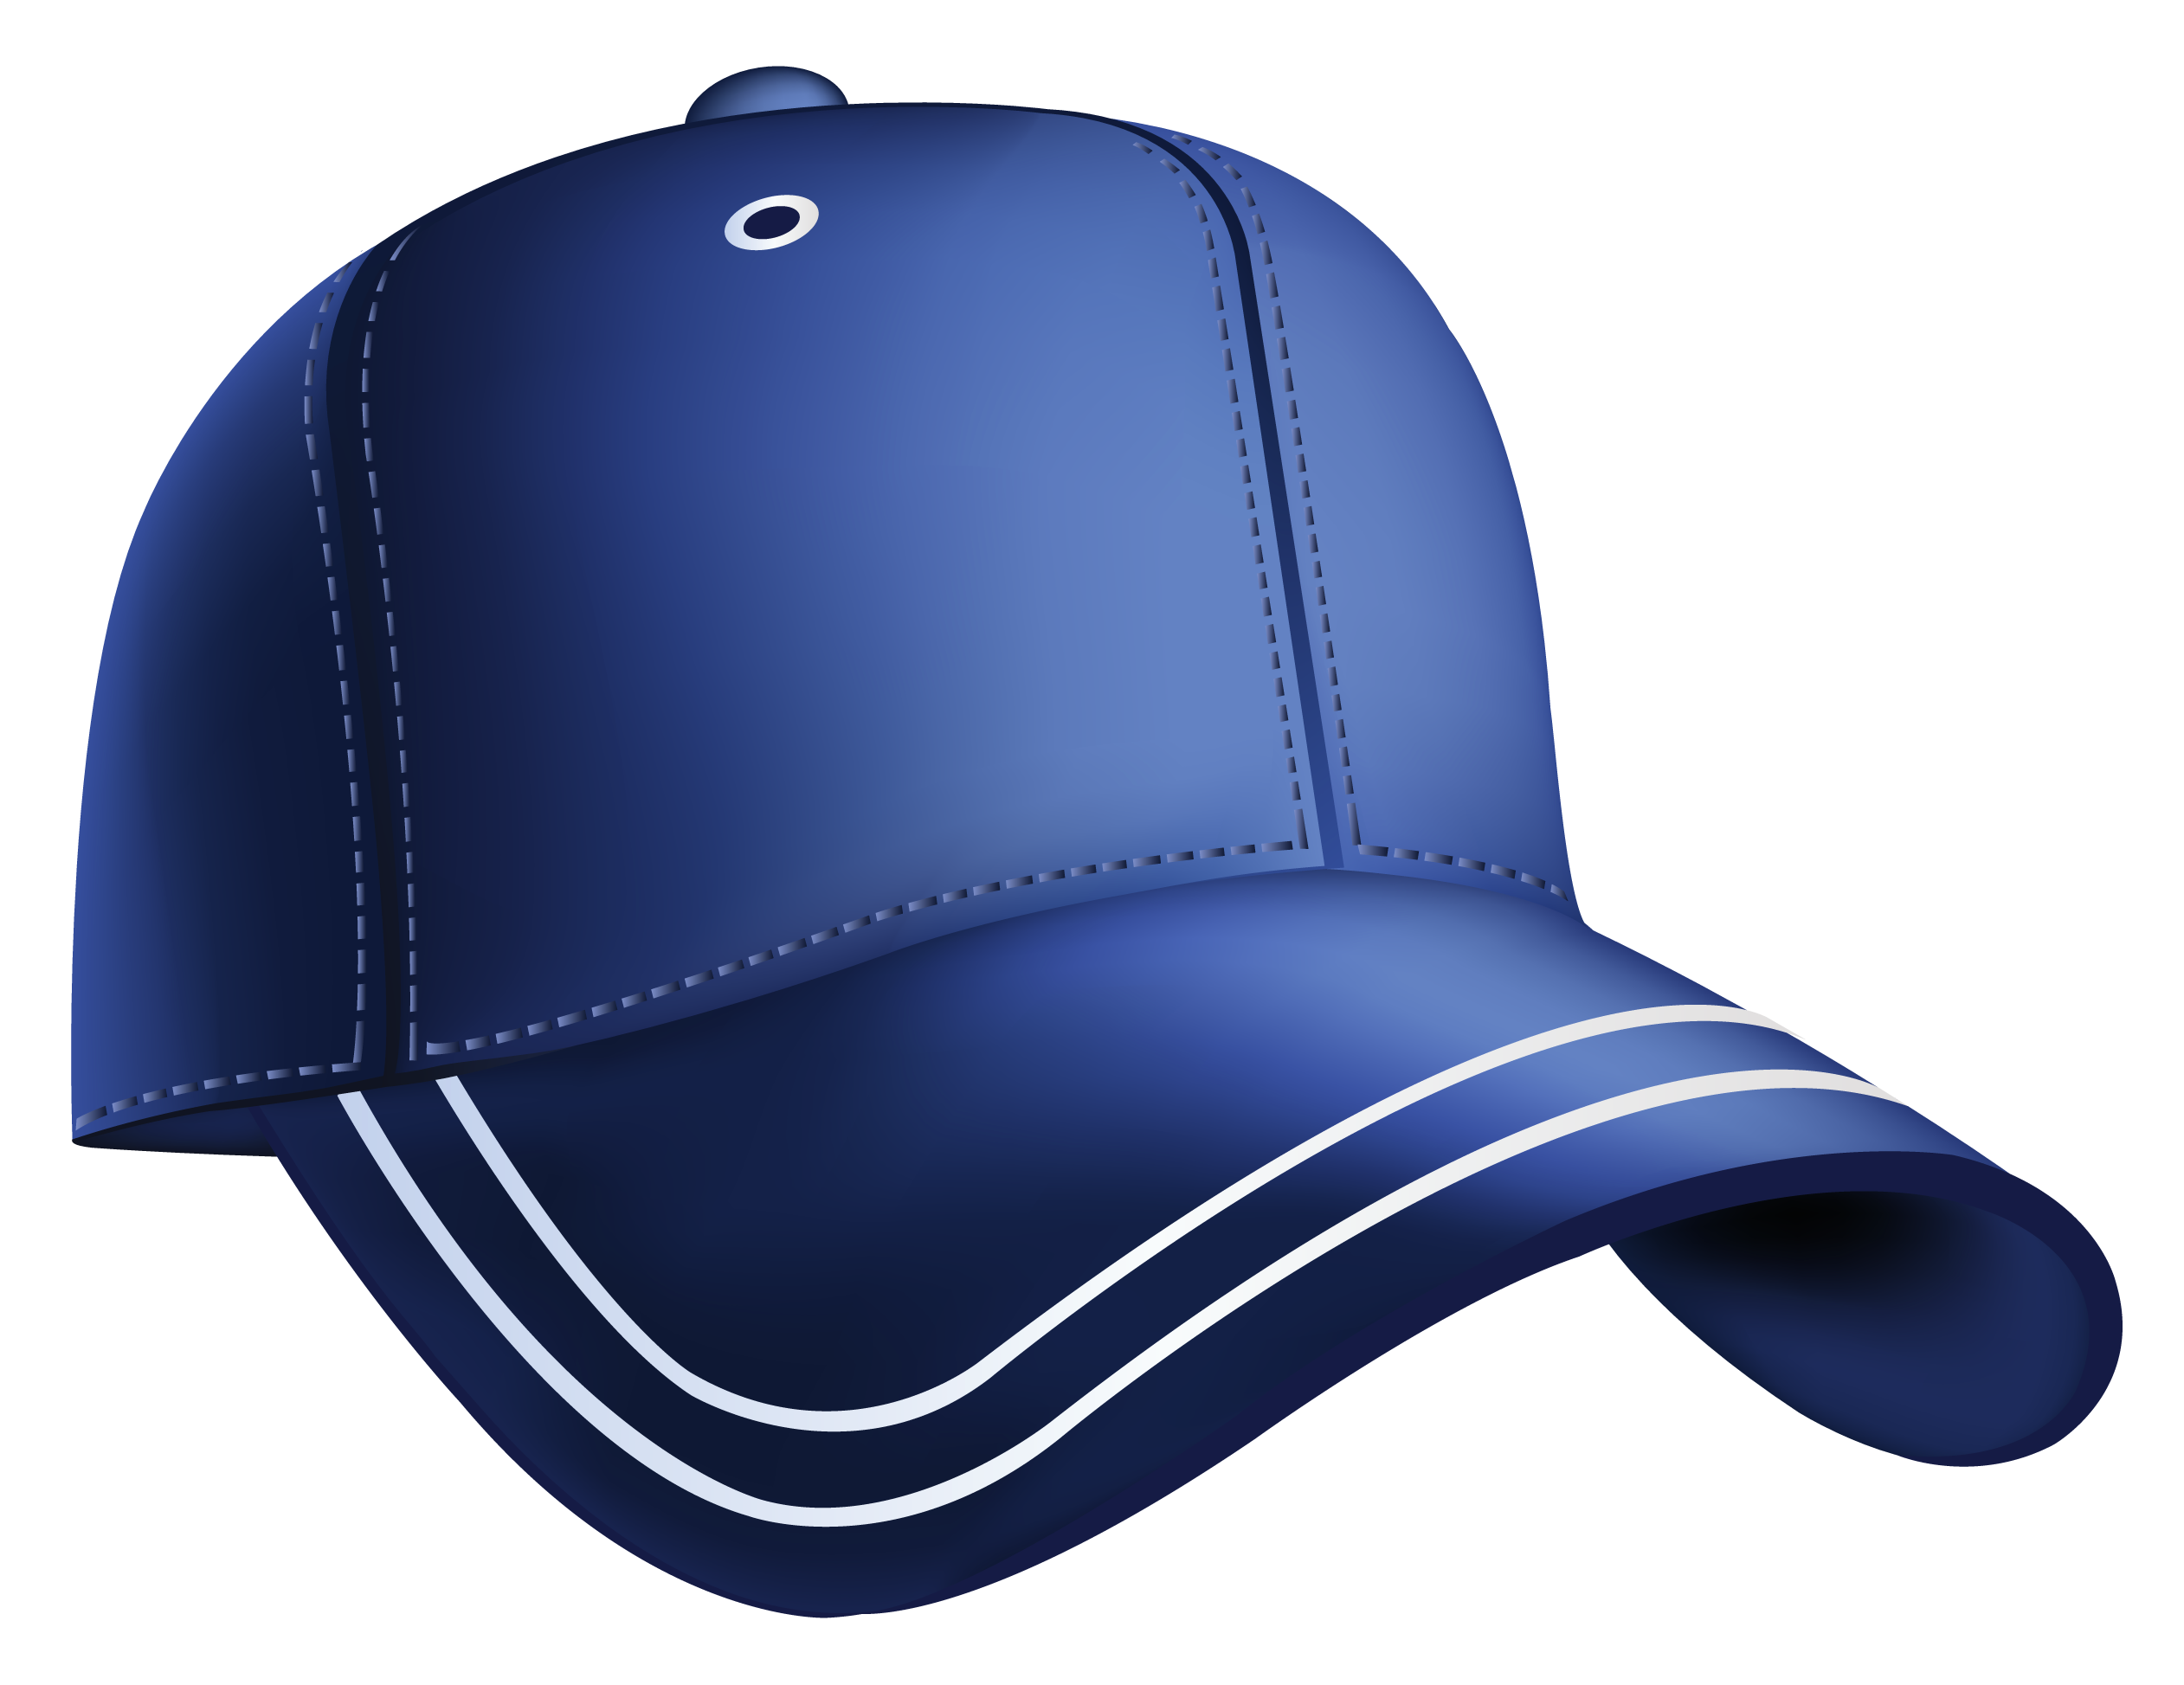 Blue baseball cap gallery. Hats clipart dodger